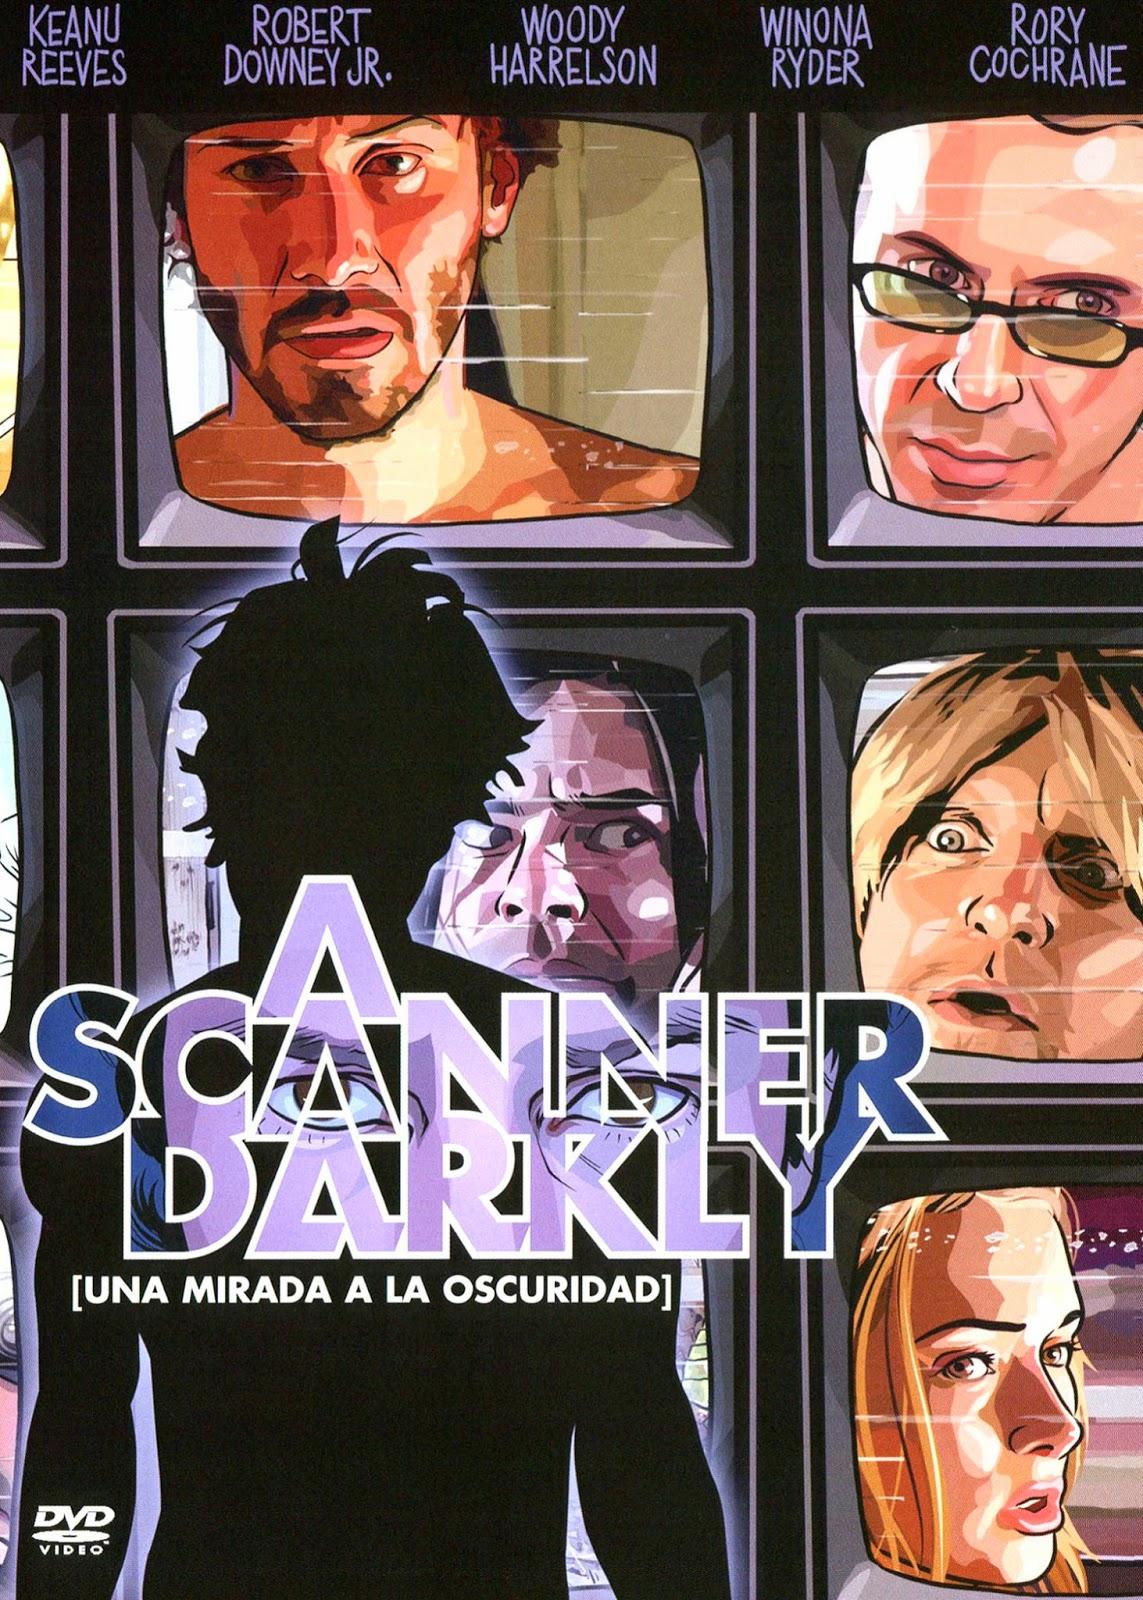 Una mirada a la oscuridad (2006)